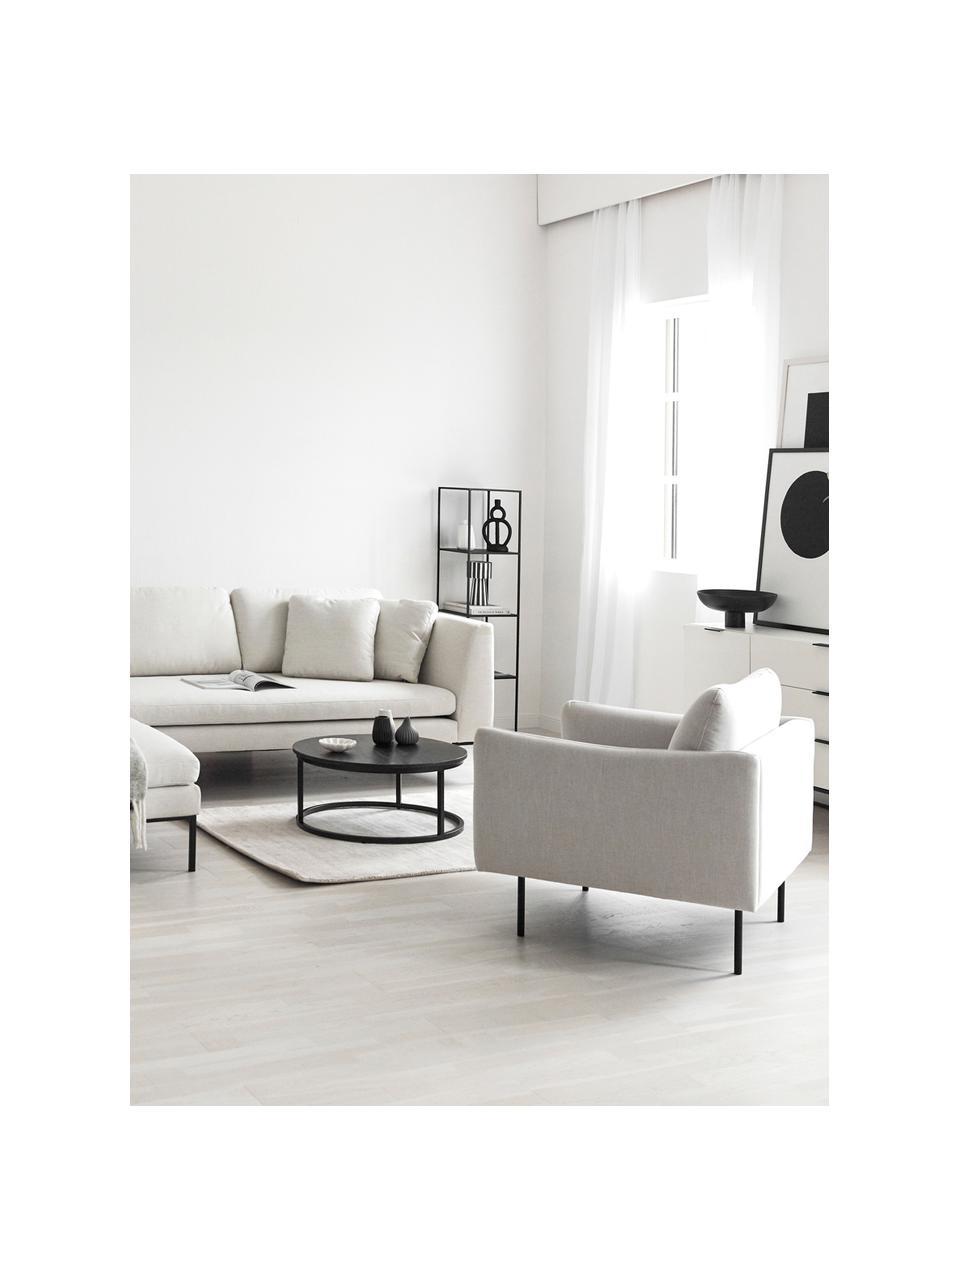 Fauteuil Moby in beige met metalen poten, Bekleding: polyester De hoogwaardige, Frame: massief grenenhout, Poten: gepoedercoat metaal, Beige, B 90 x D 90 cm